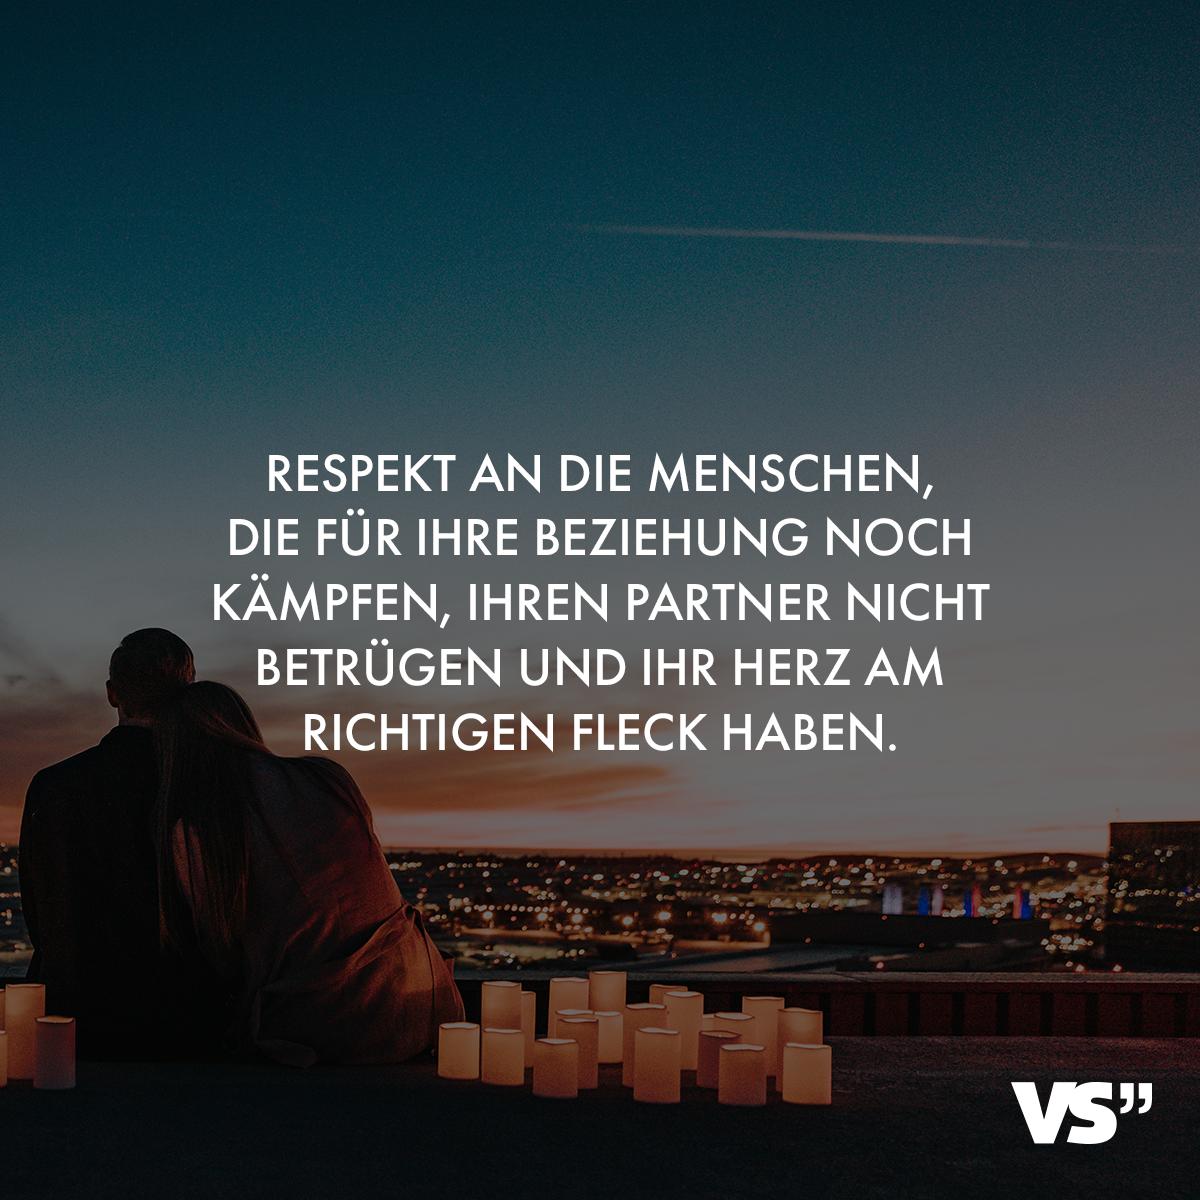 Ist in beziehung einer respekt was Werte in